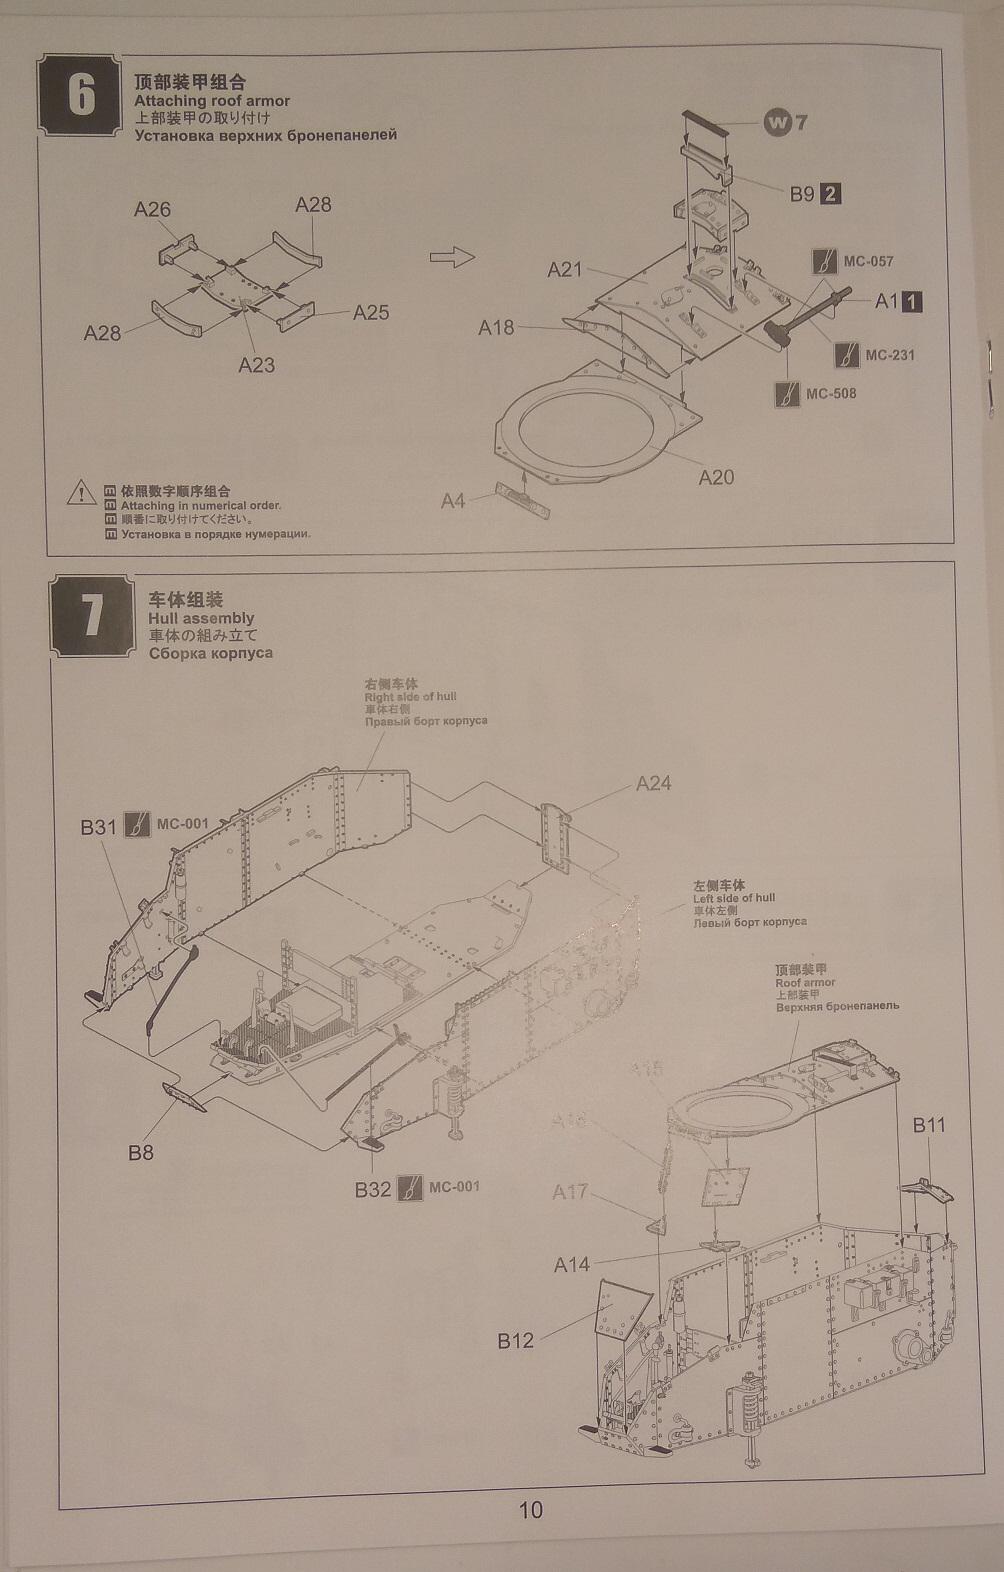 обзор лёгкий танк РЕНО FT-17 1:35 MENG TS-011 1110